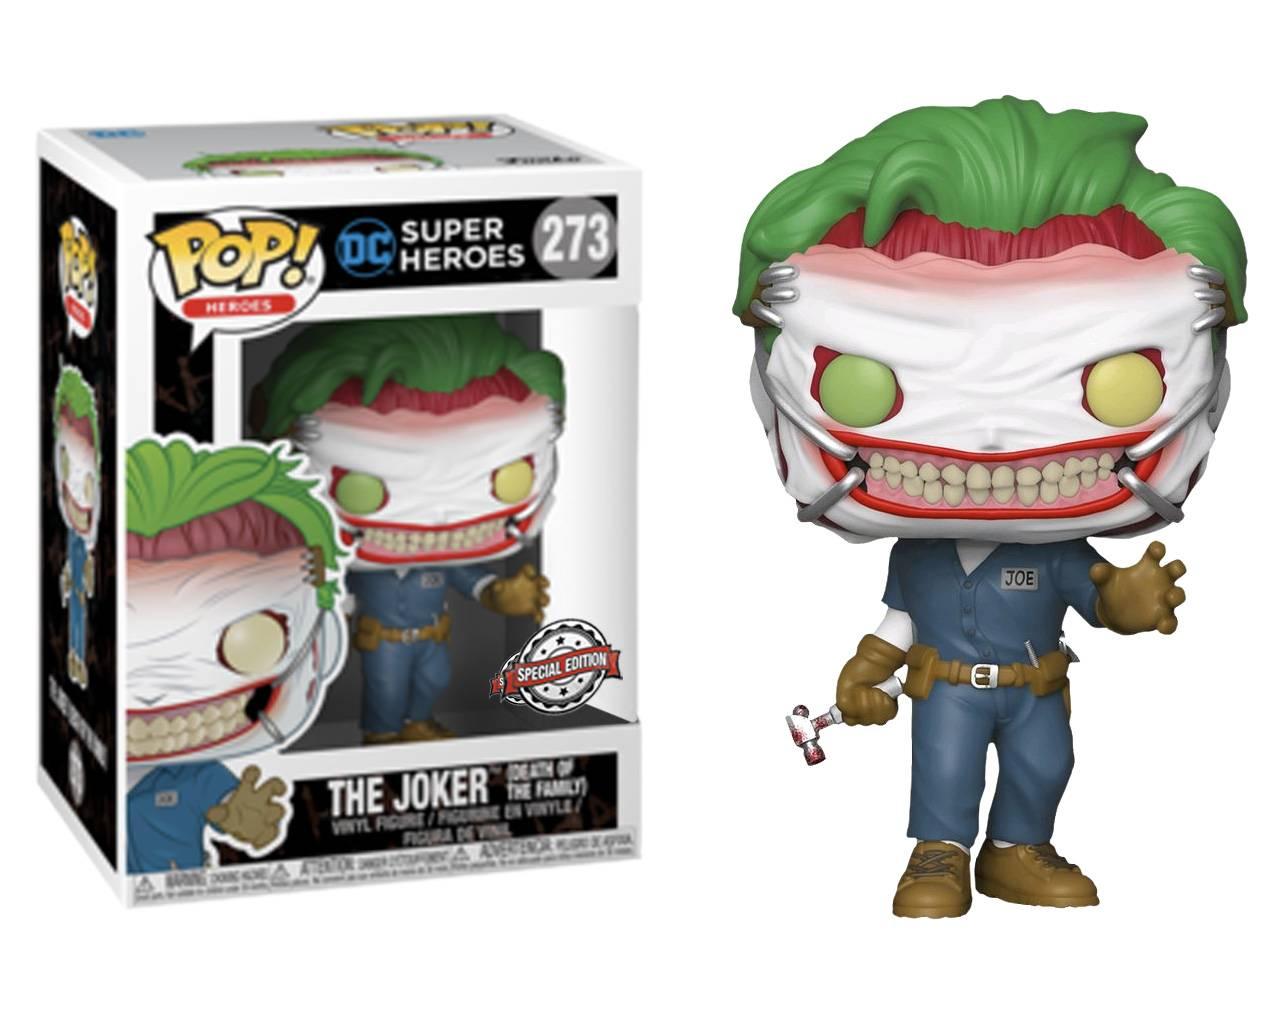 The Joker (Death of the Family) Pop! Vinyl